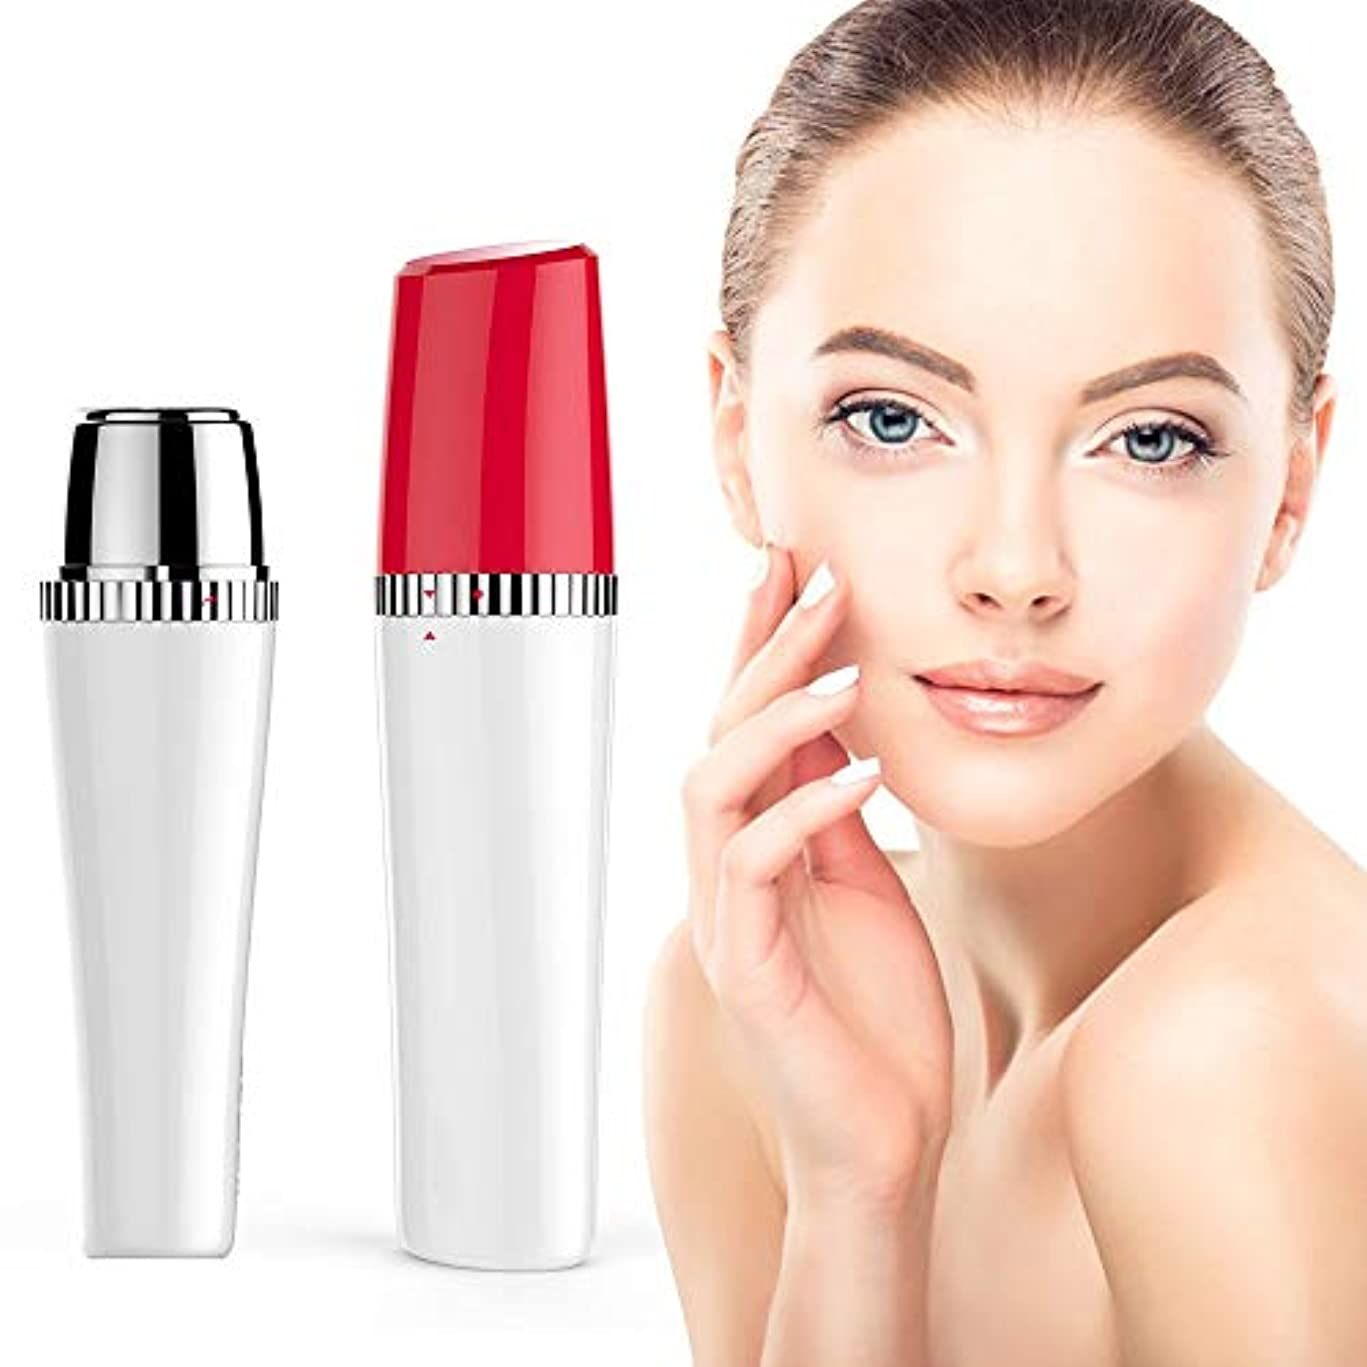 共同選択階下汚染する眉毛毛リムーバー、女性のためのひげリムーバー、女性の頬のために防水無痛完璧な髪リムーバー、唇、あごと首